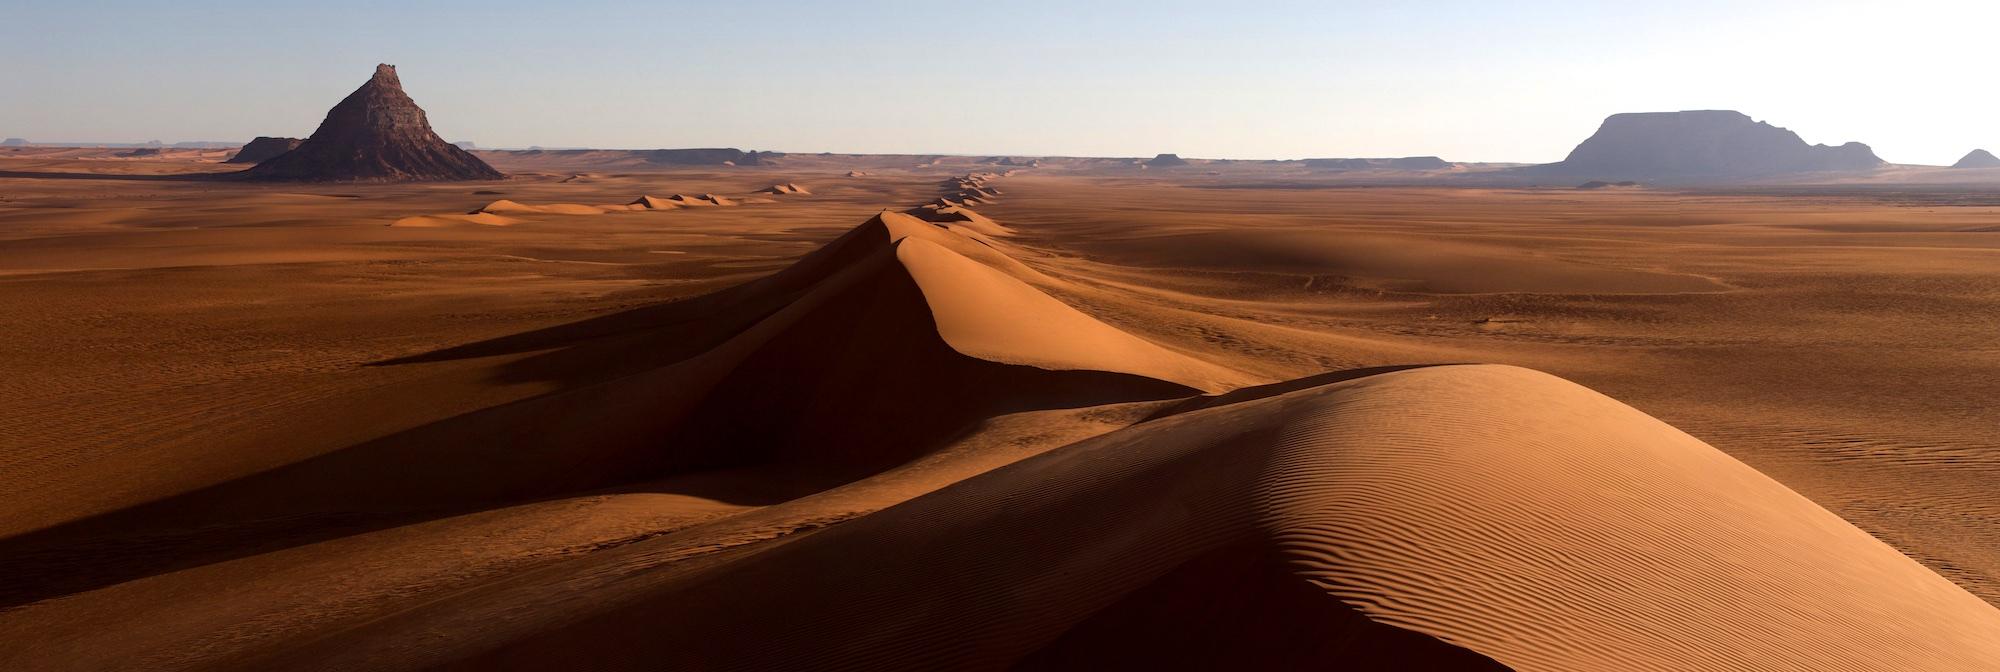 Dünenketten von Derbilie, Sahara, Tschad